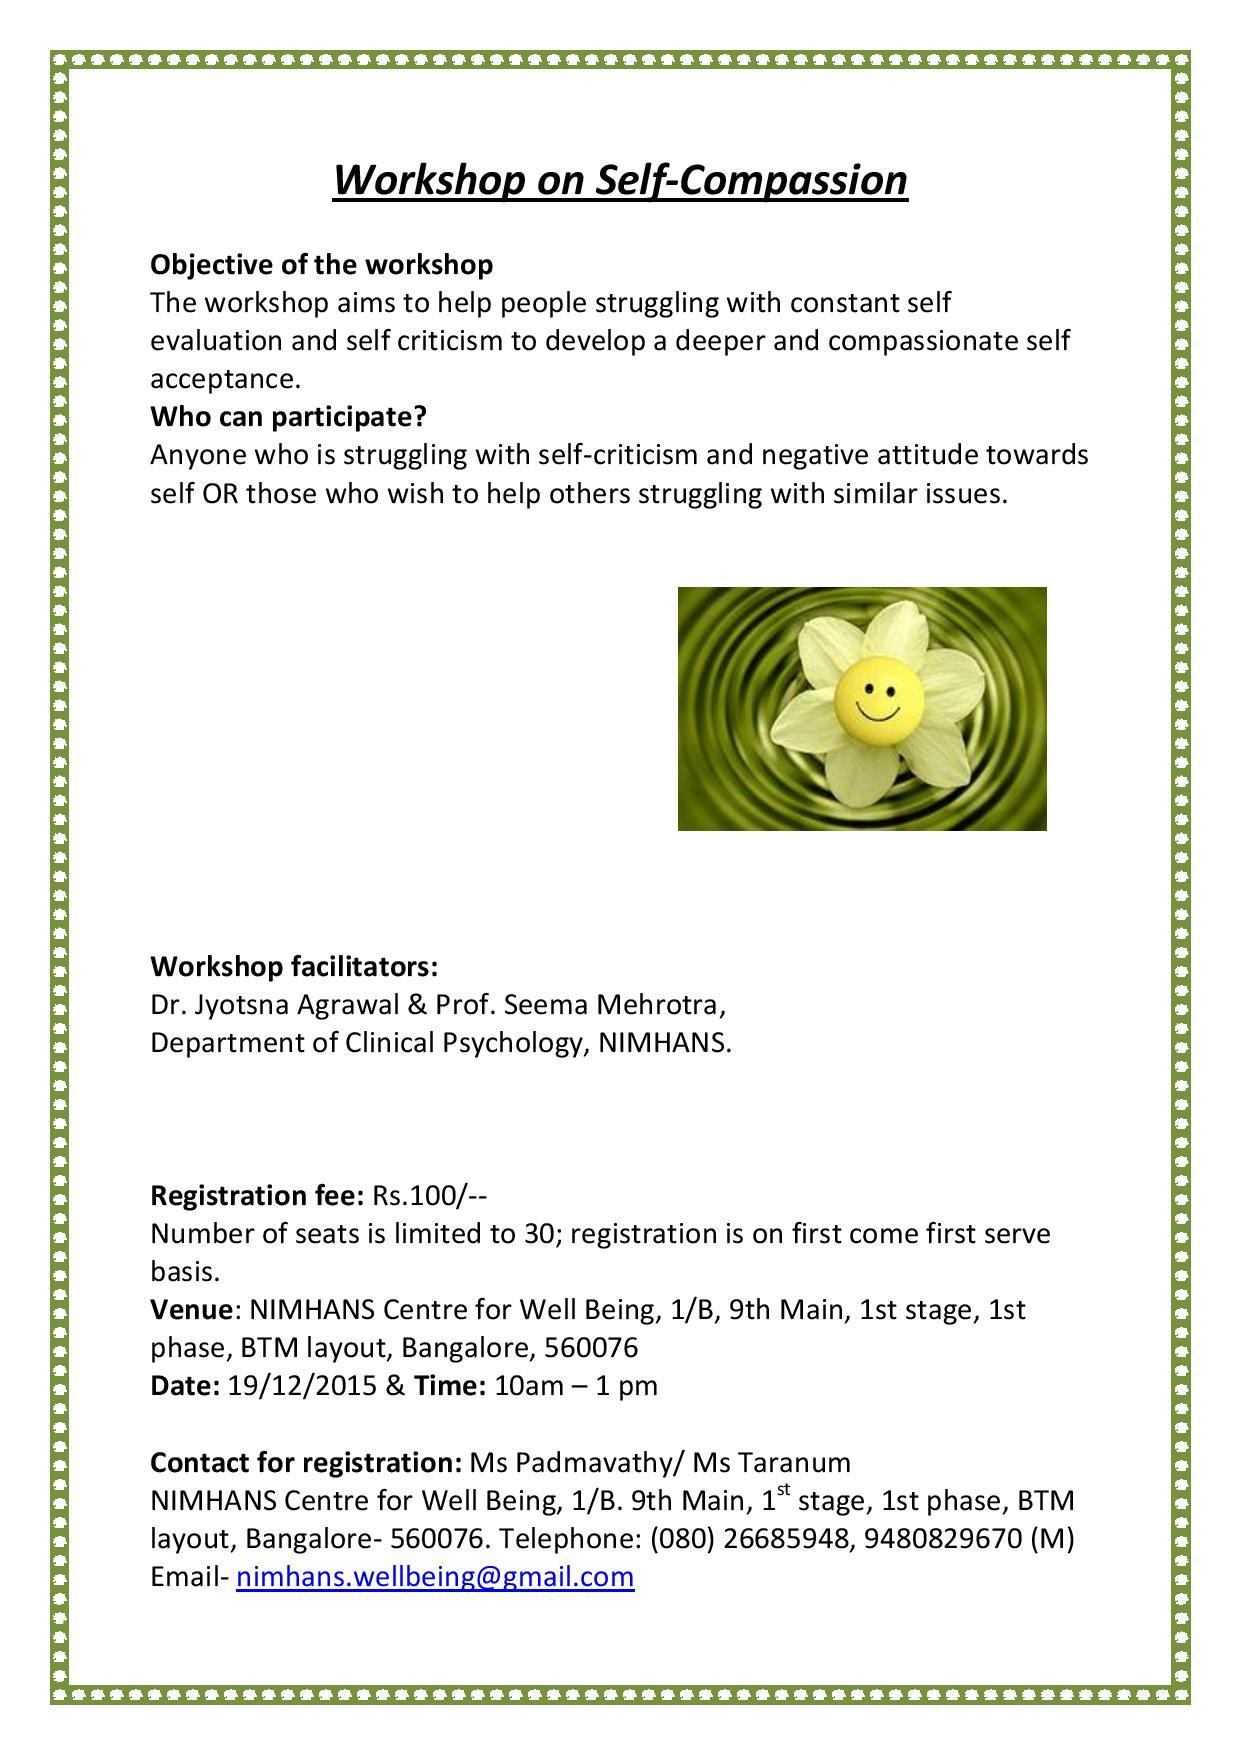 6a.Self-Compassion-workshop.announcement.Dec15-page-001